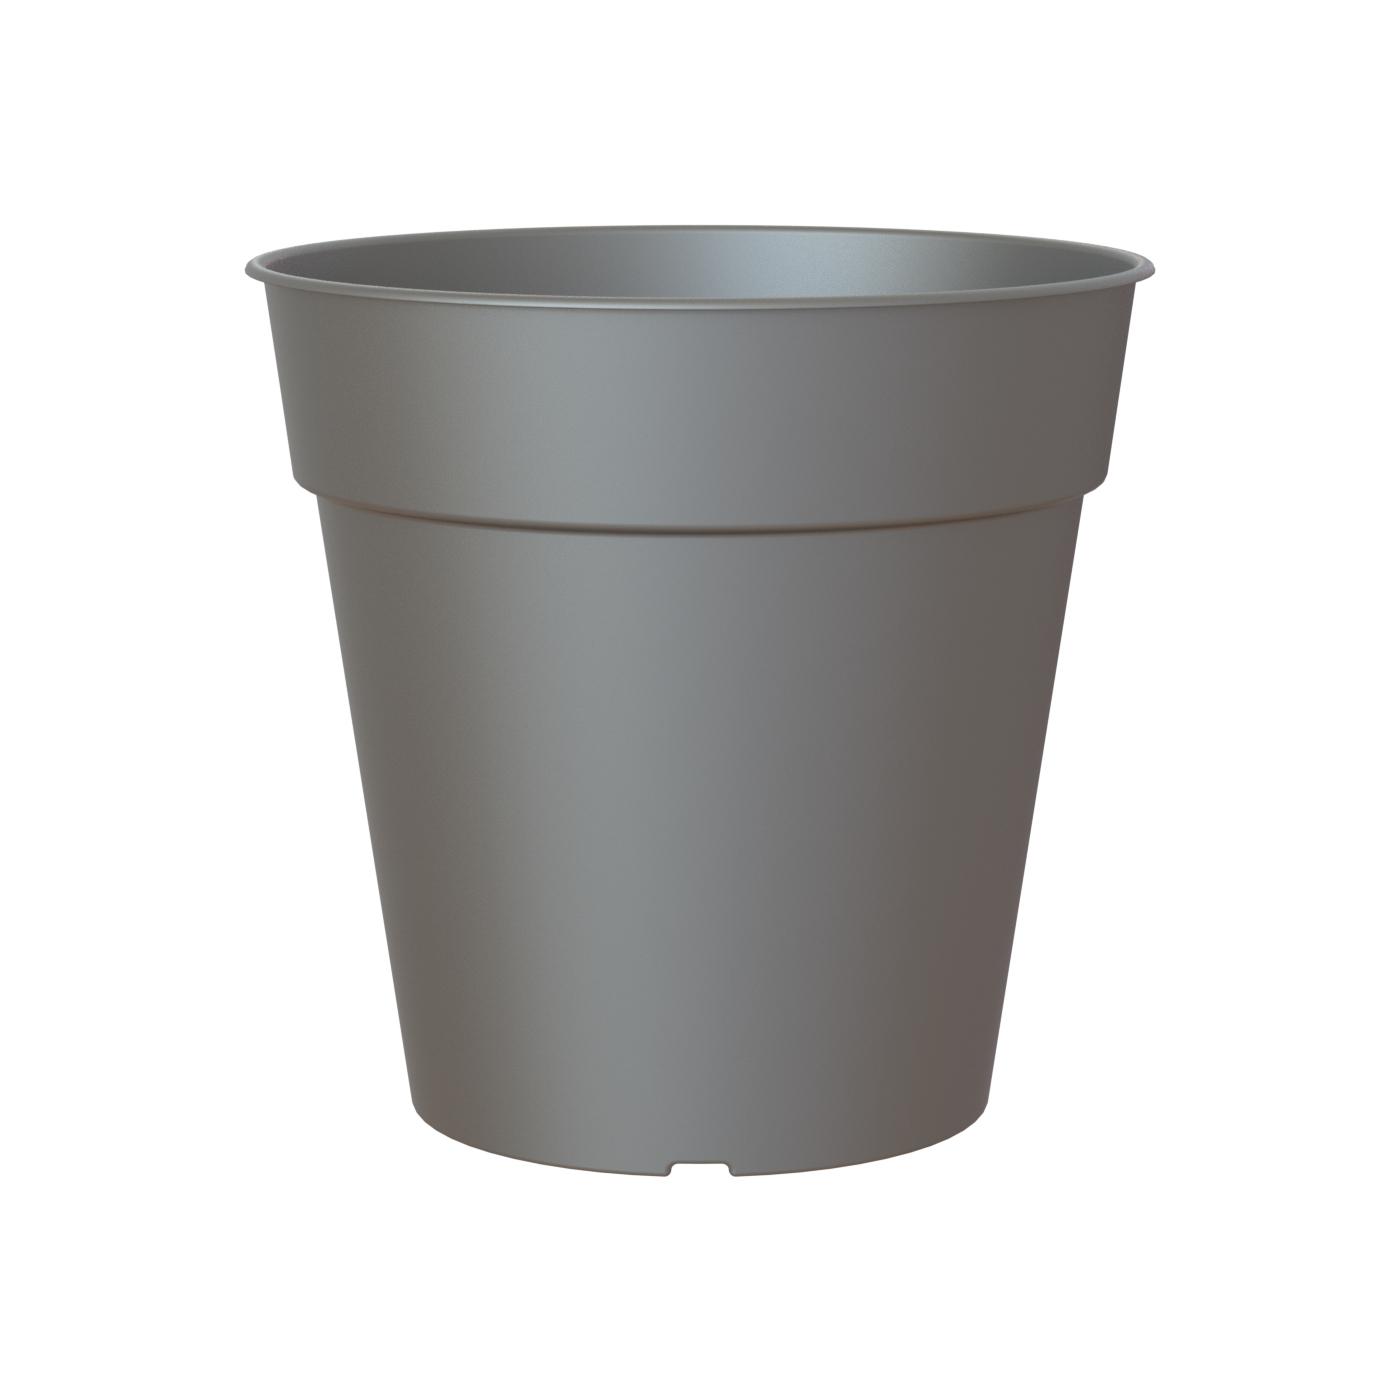 Кашпо Artevasi madagascar 7,5 см антрацит